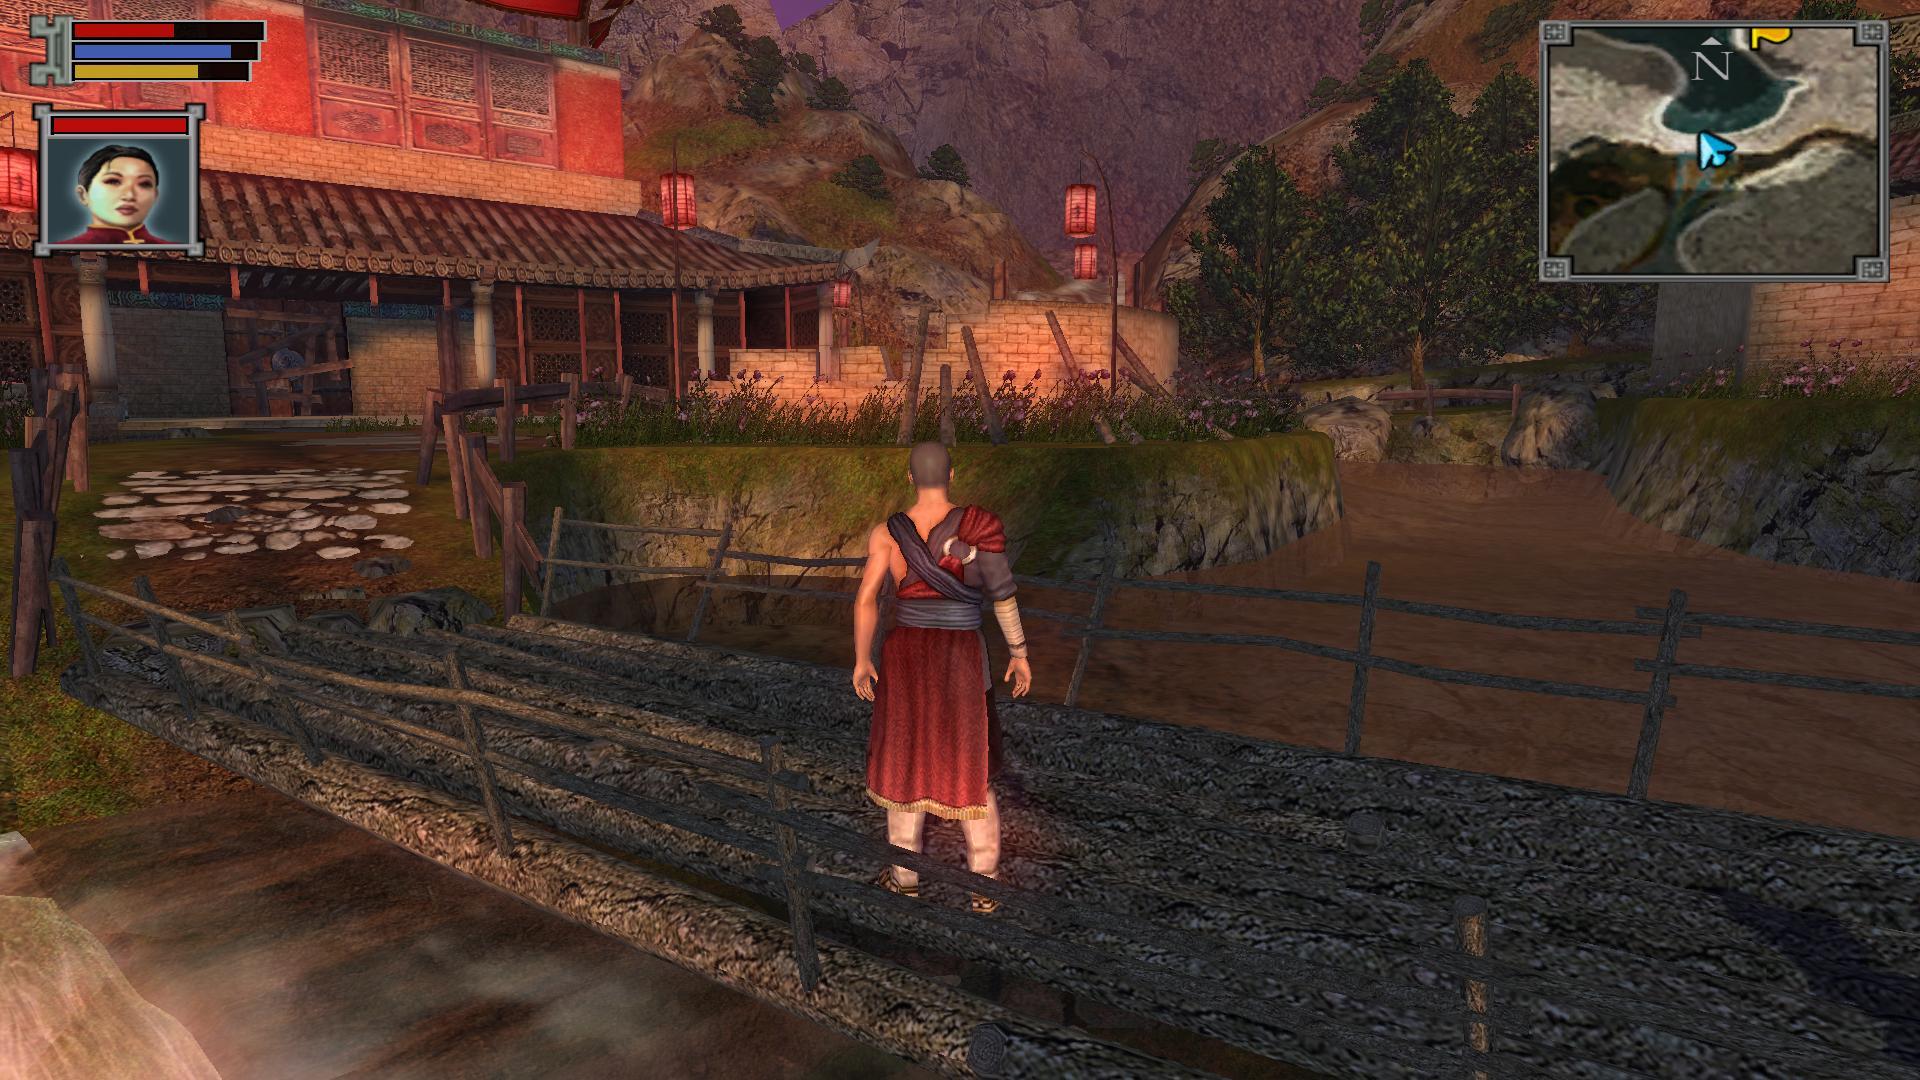 """有板有眼的古建筑,配上""""小桥流水人家""""的风景,在游戏环境构建上很好"""